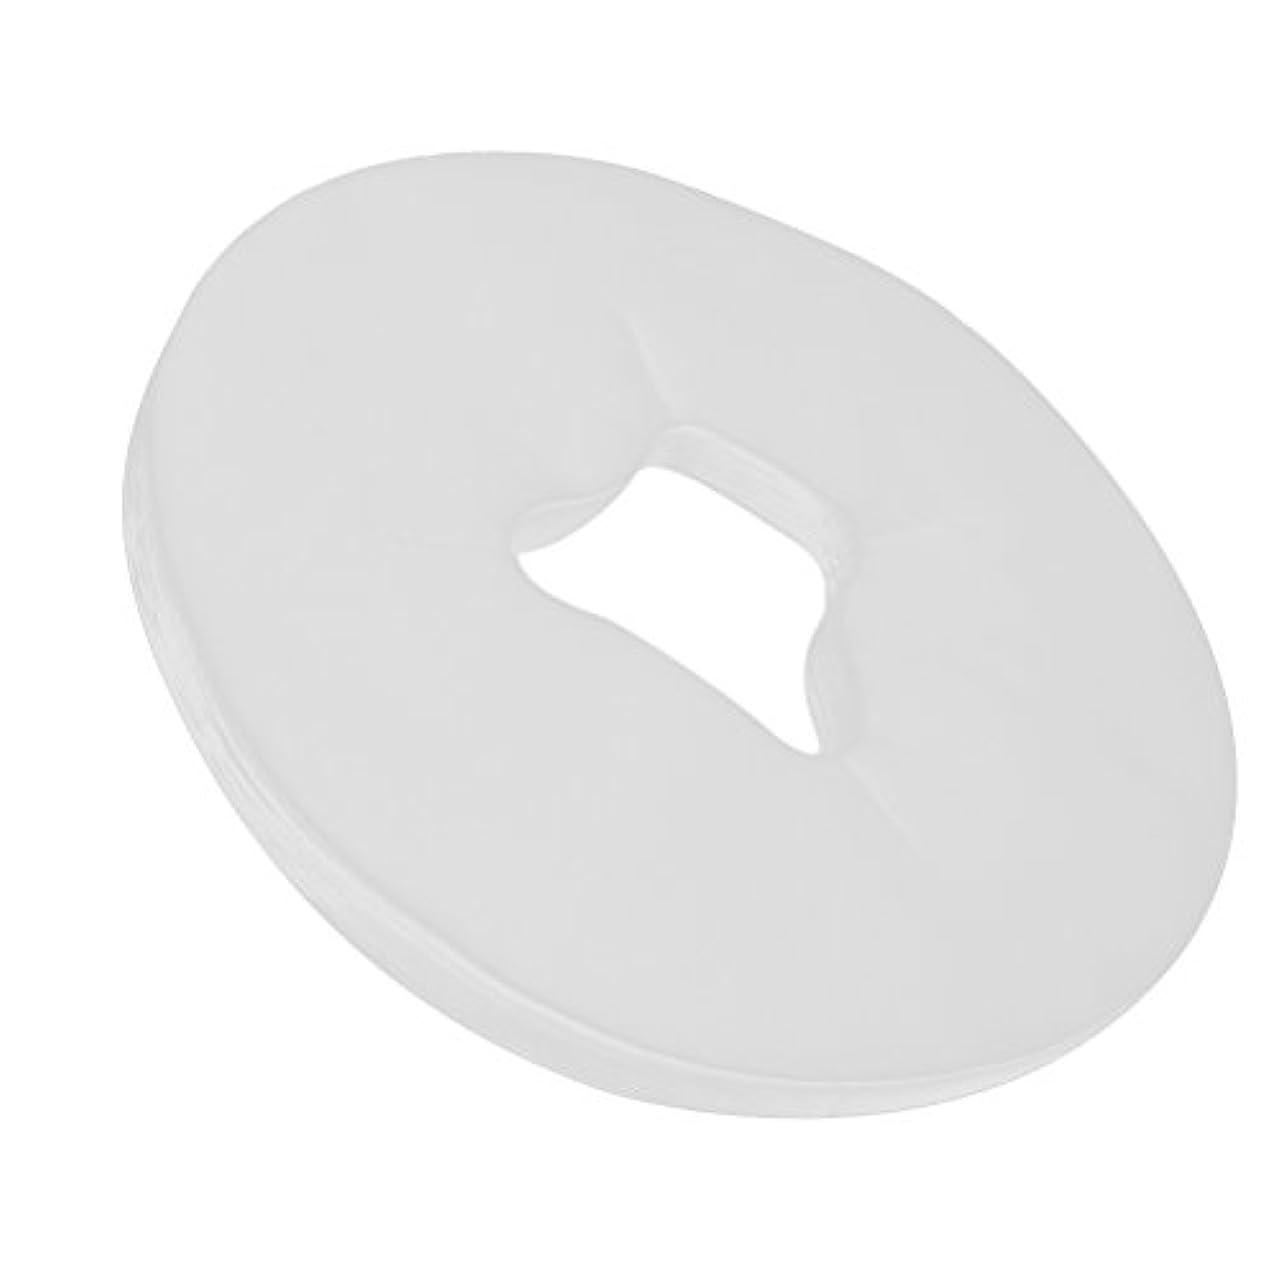 奇妙な弁護人雲Healifty 100Pcs使い捨て可能な表面揺りかごはマッサージのテーブルのためのマッサージの表面残りカバーを覆います